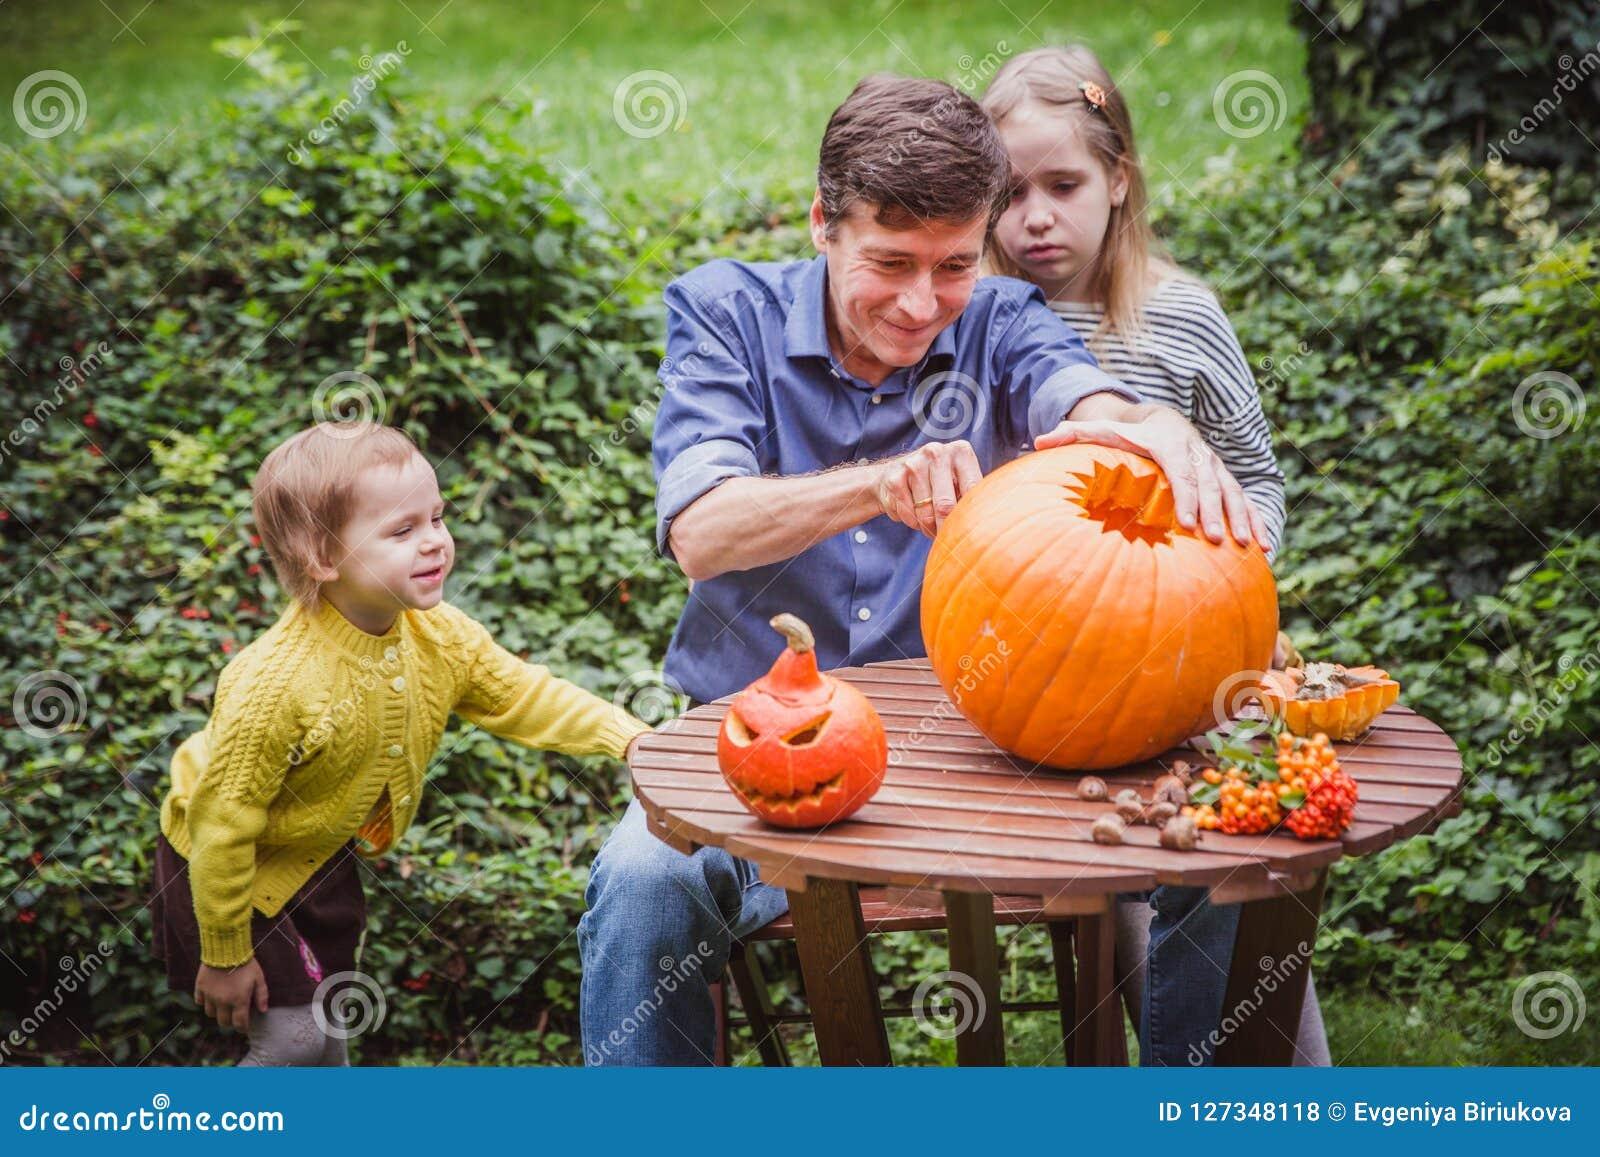 αποκριές ευτυχείς Χαράζοντας κολοκύθα πατέρων και δύο κορών για αποκριές έξω οικογένεια ευτυχής